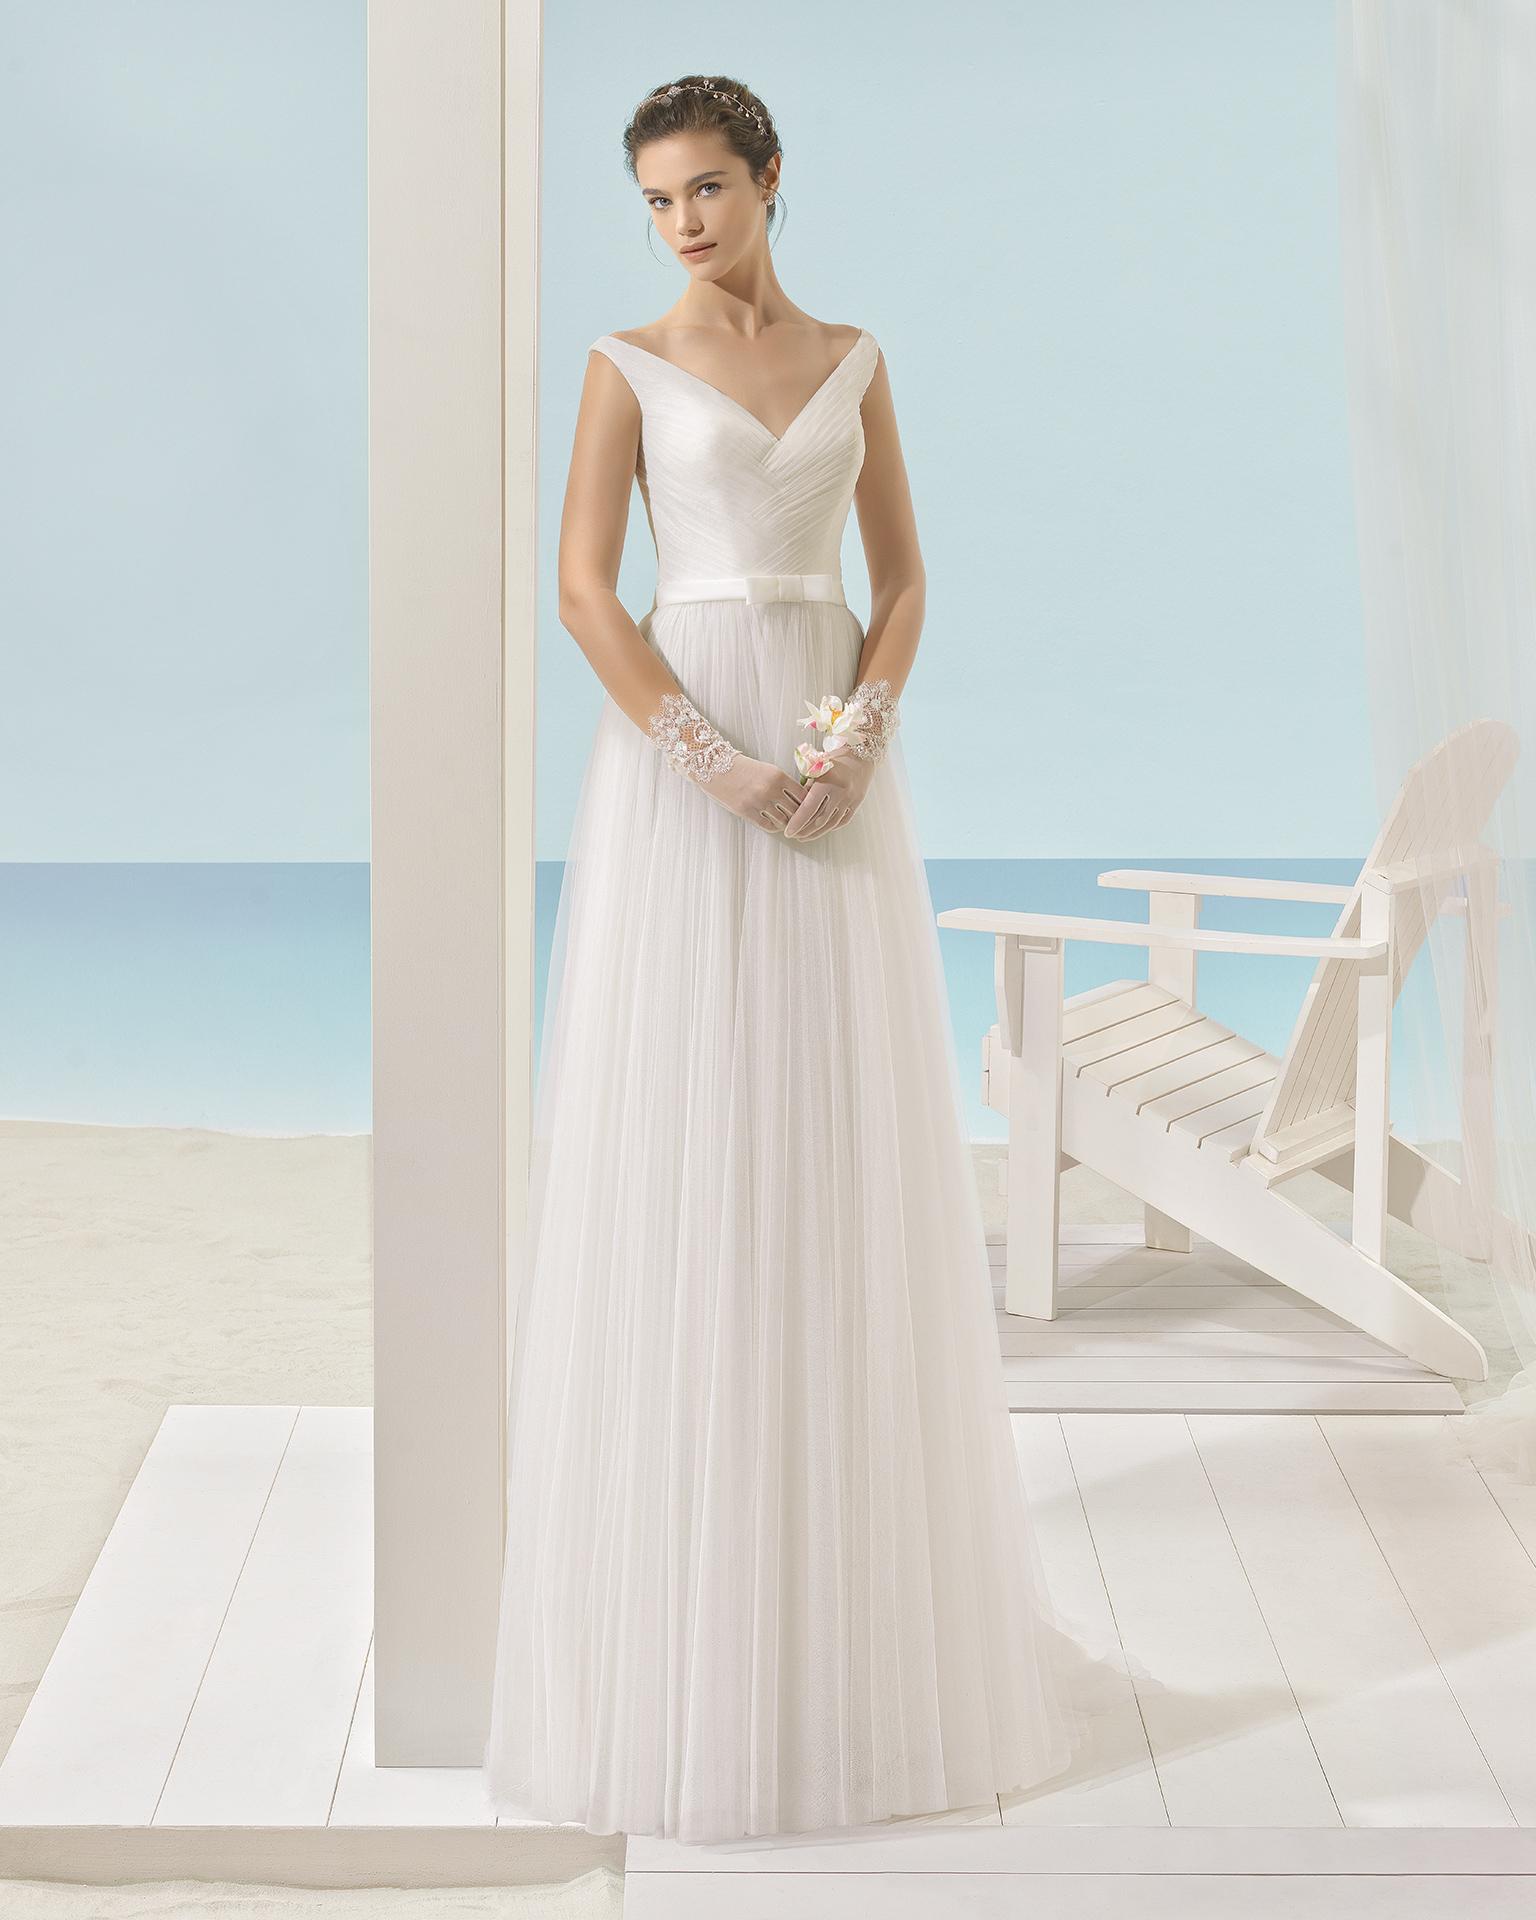 XENOR vestido de noiva Aire Barcelona Beach Wedding 2017